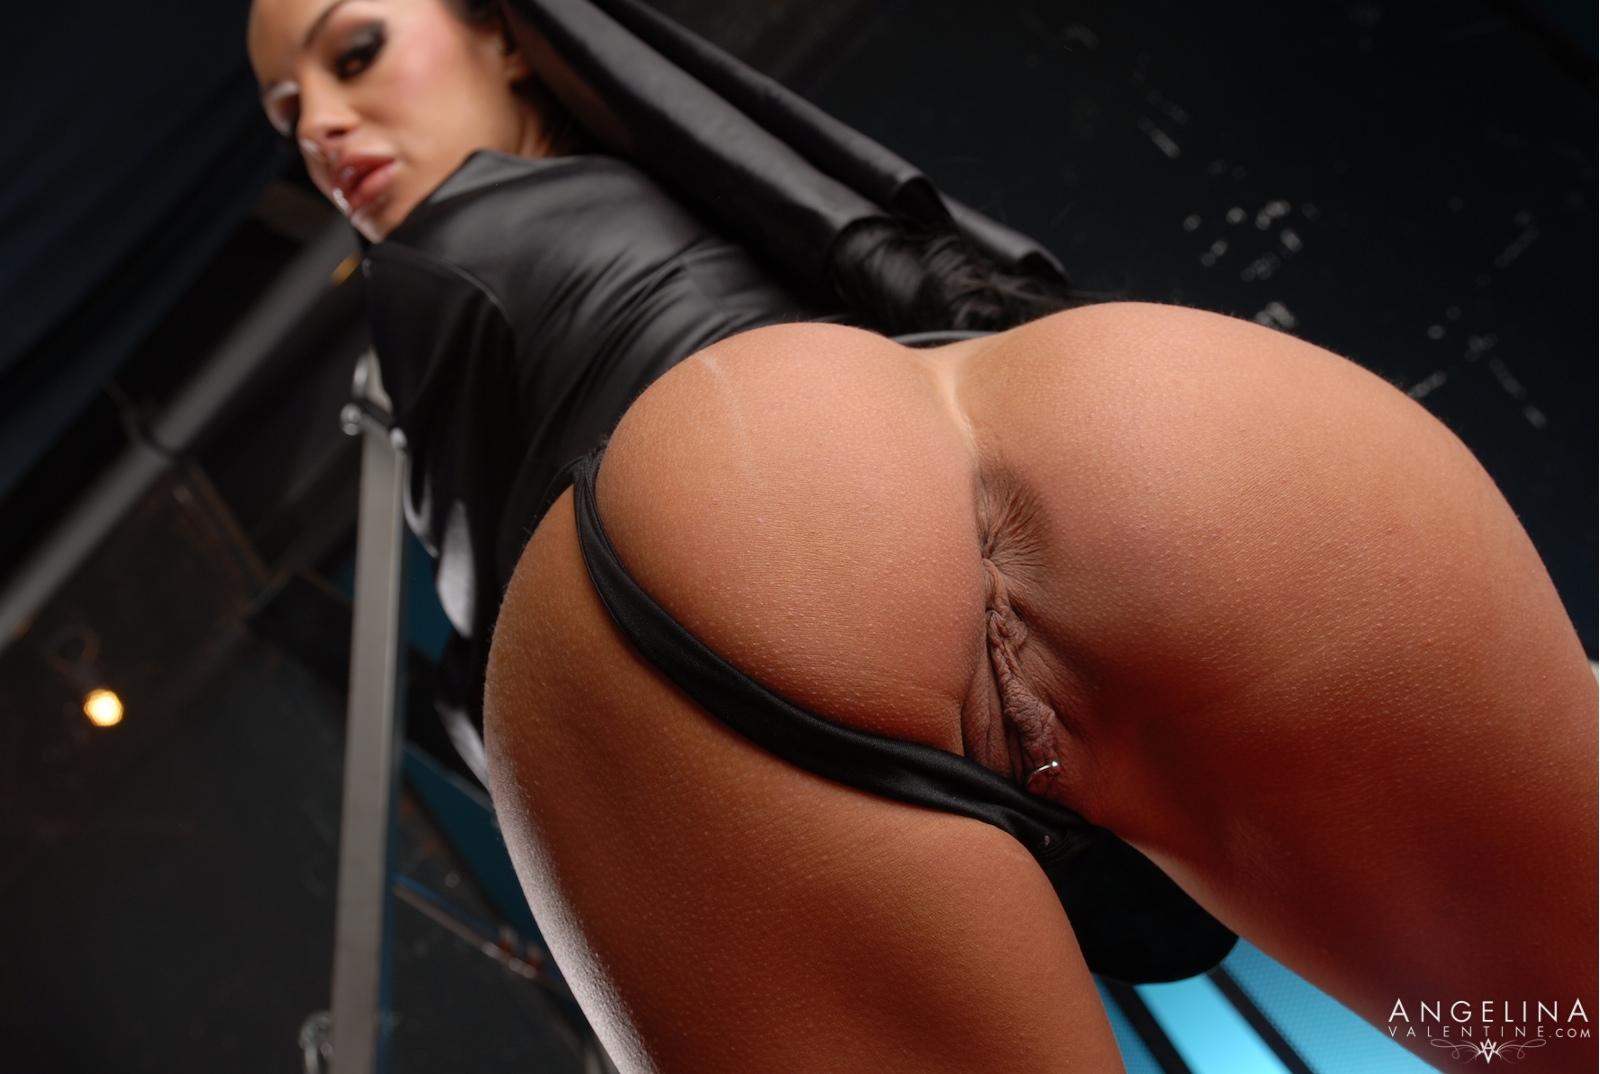 best female porn action shots